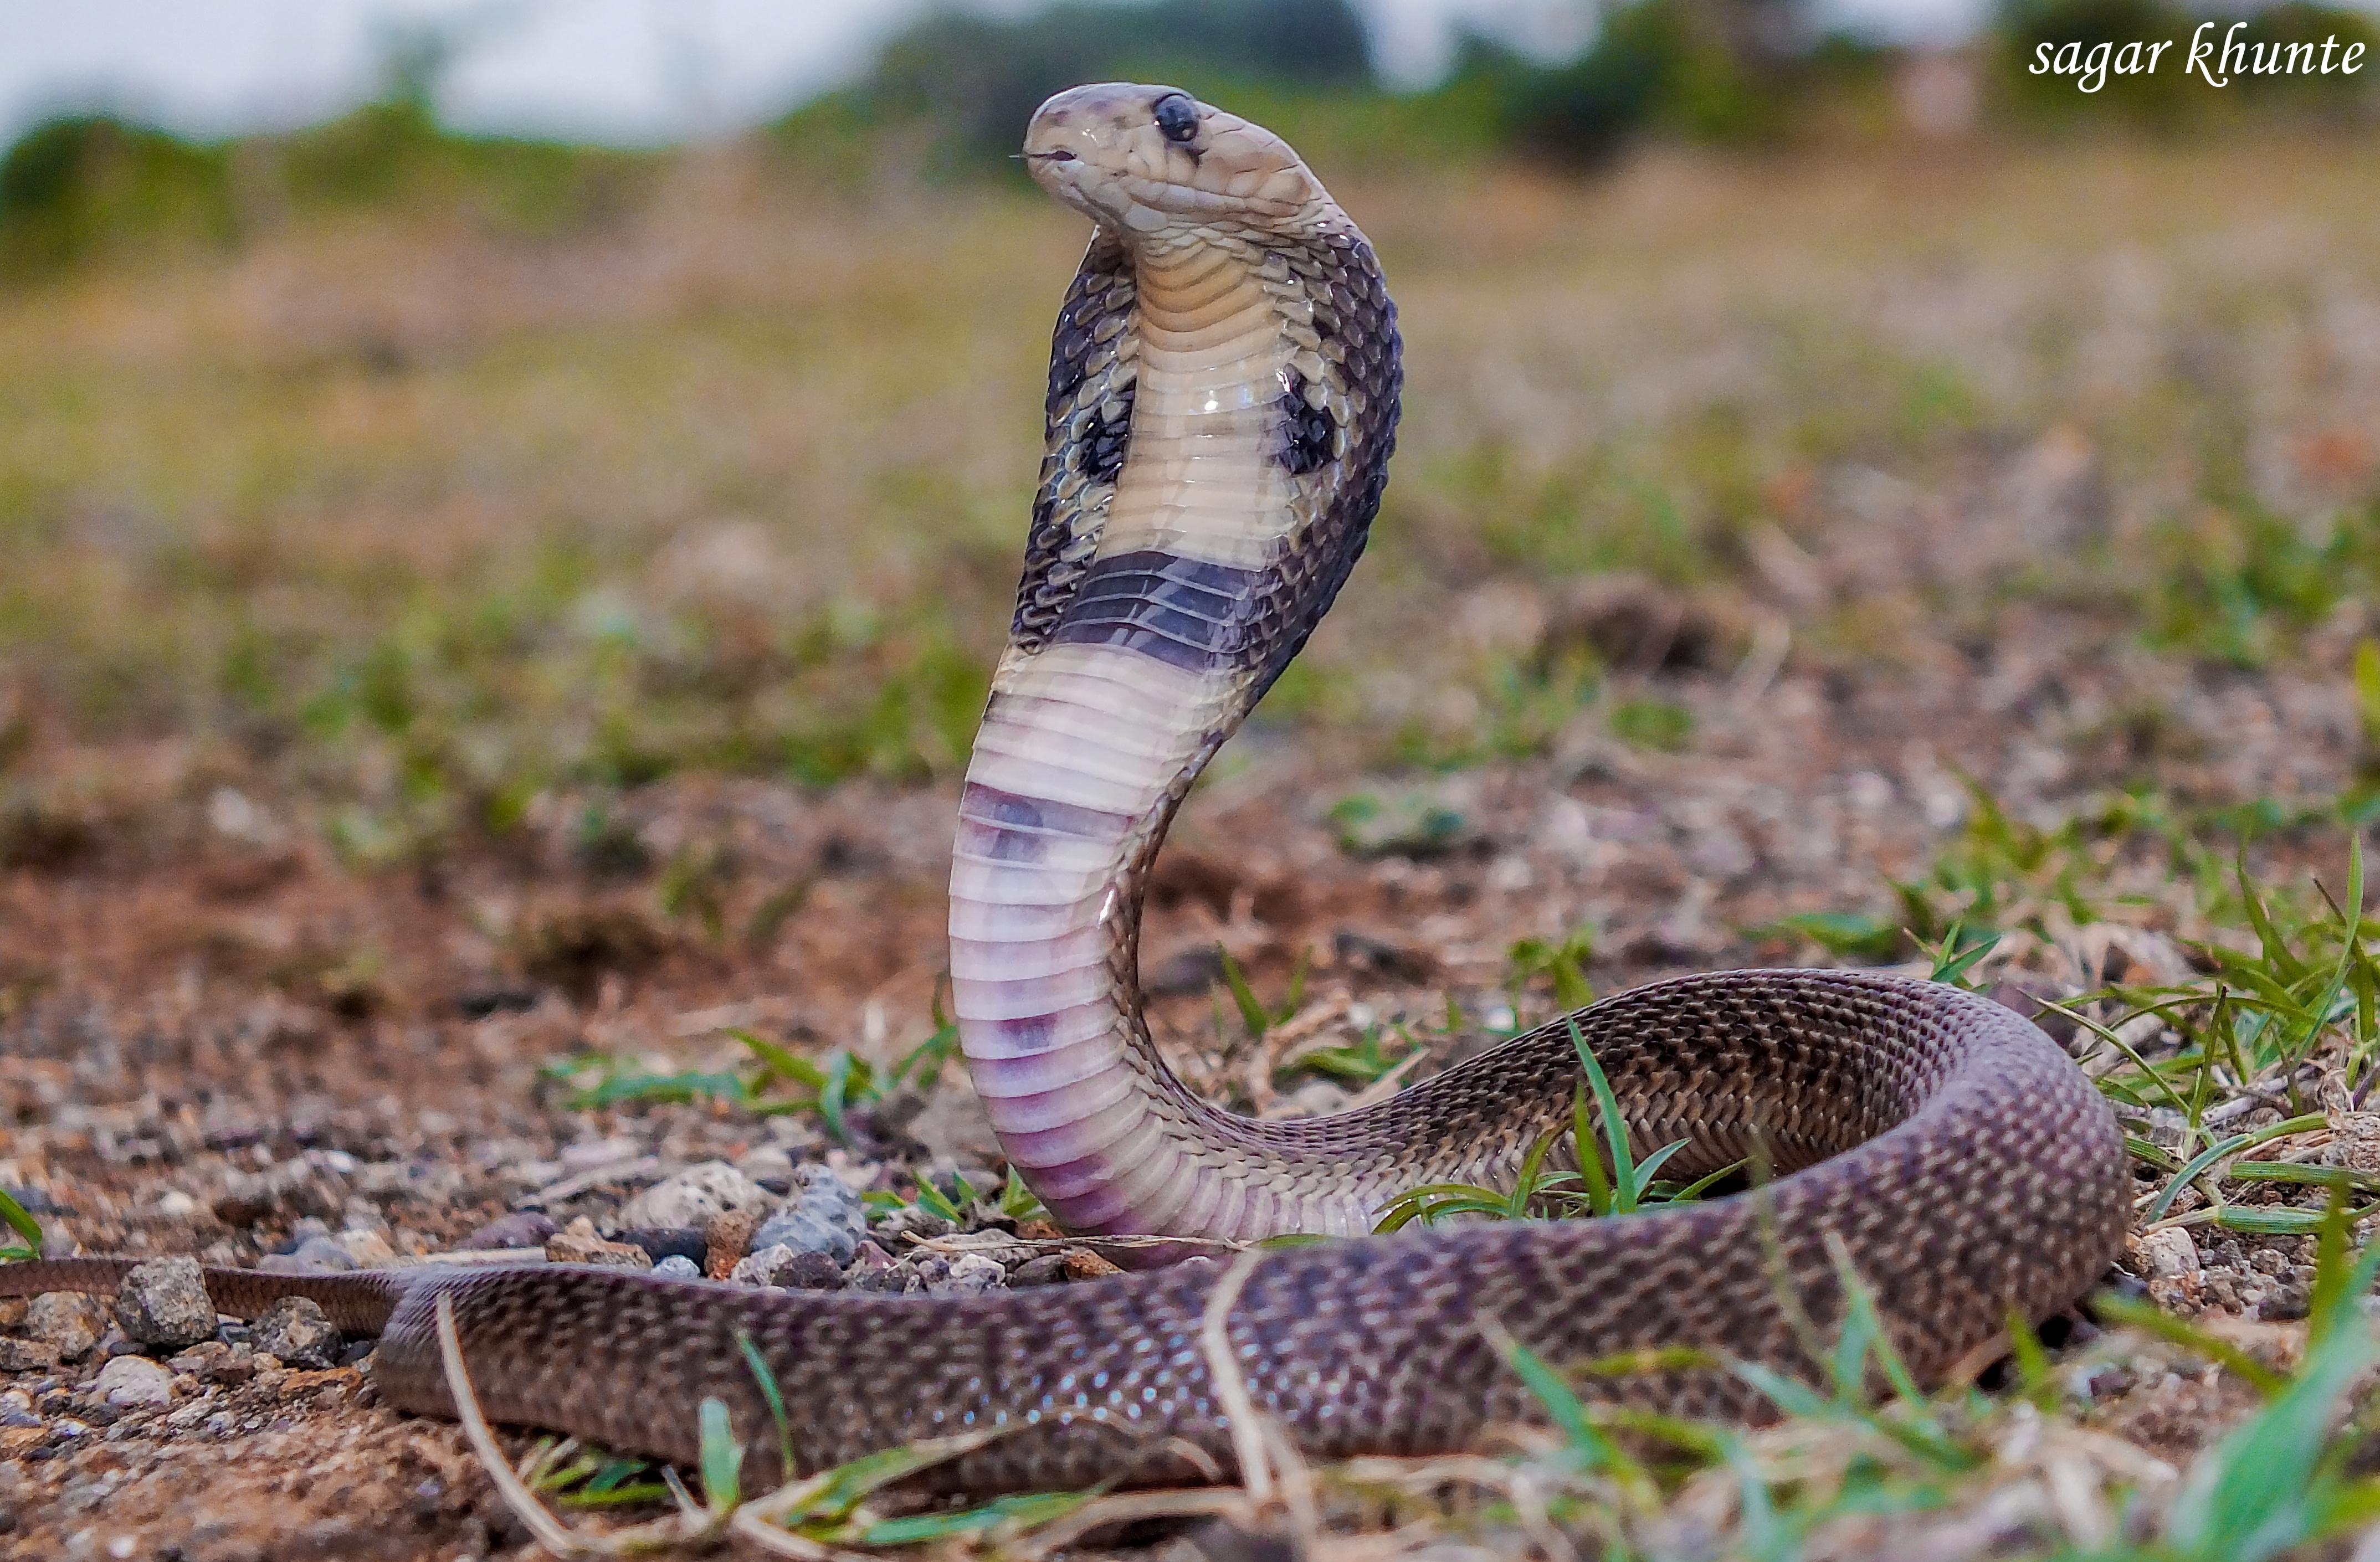 File:Indian spectecled cobra naja naja.jpg - Wikimedia Commons